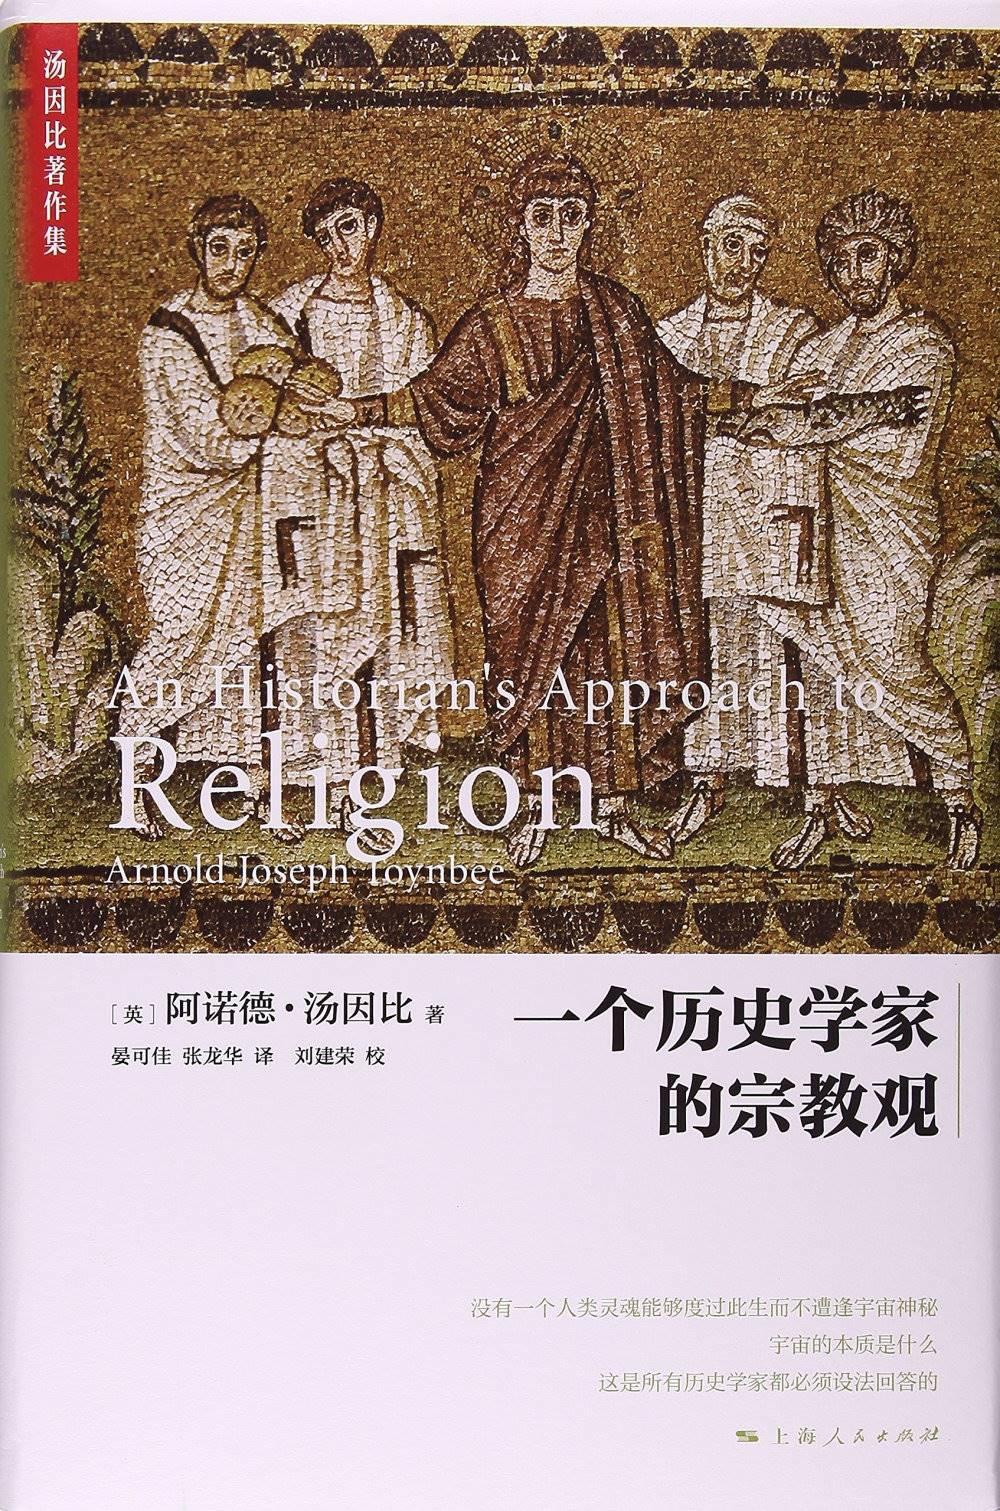 一個歷史學家的宗教觀